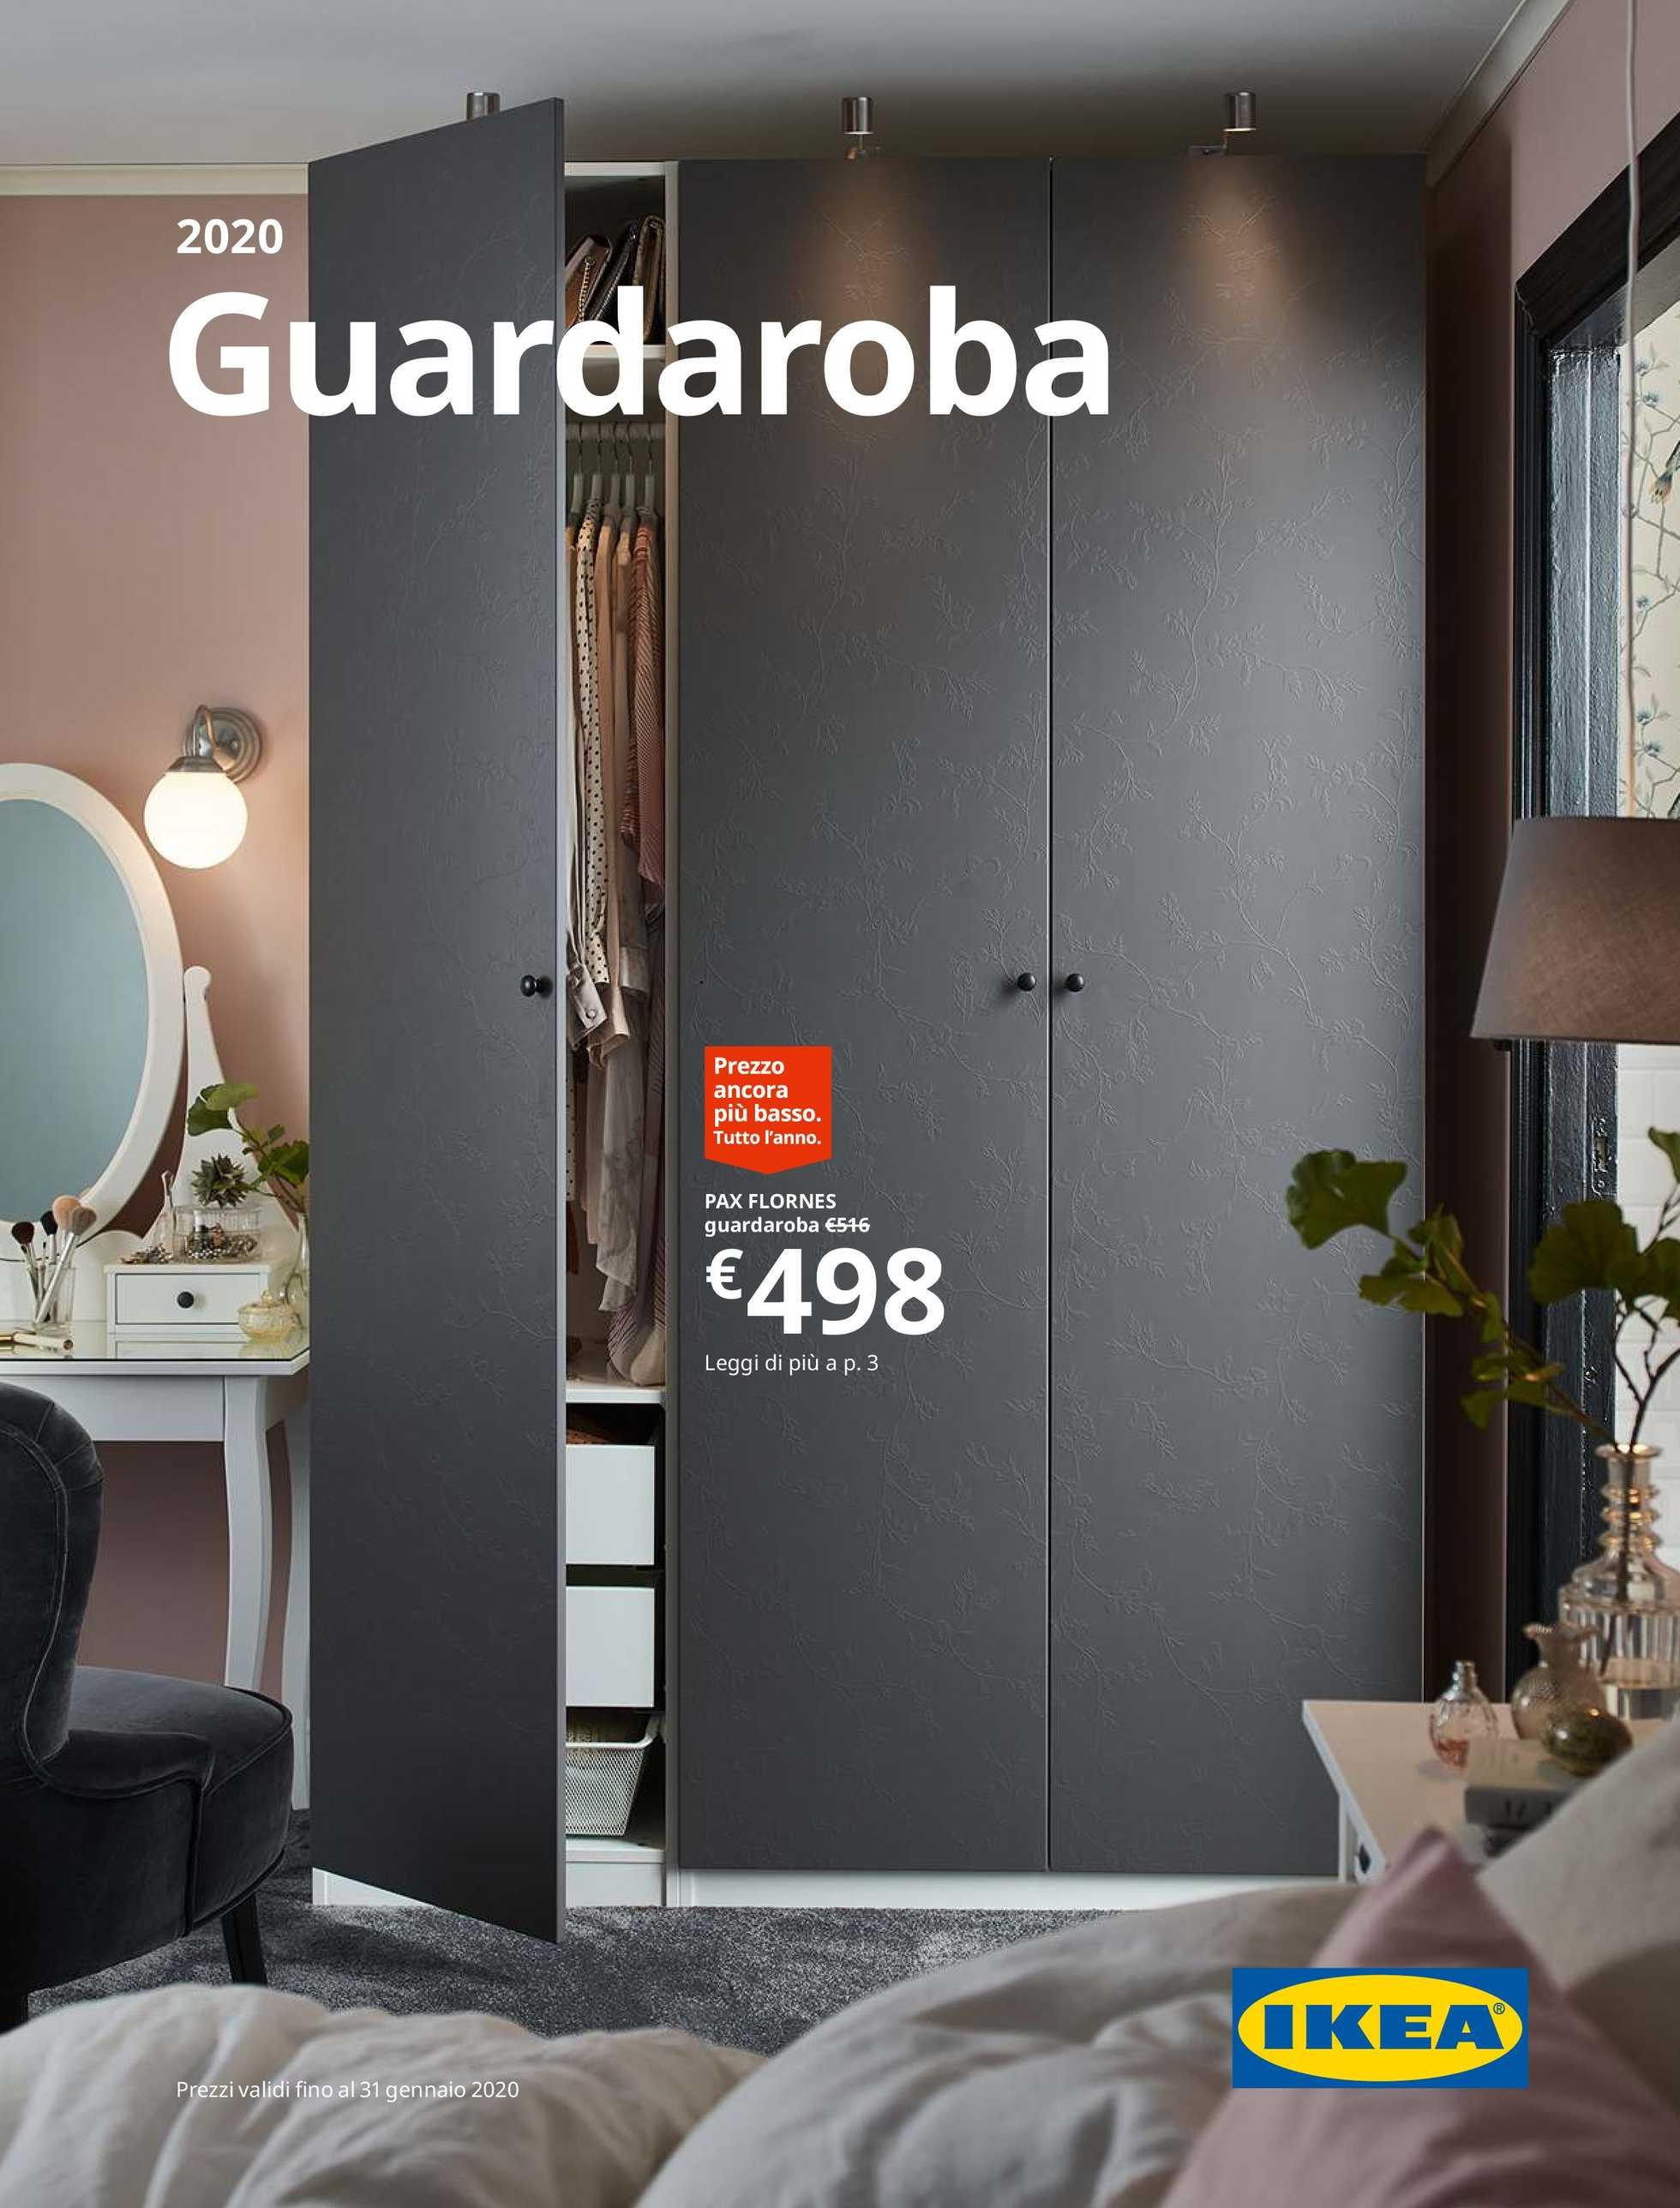 Offerte Guardaroba Ikea.Ikea Guardaroba 2020 01 09 2019 It Promotons Com